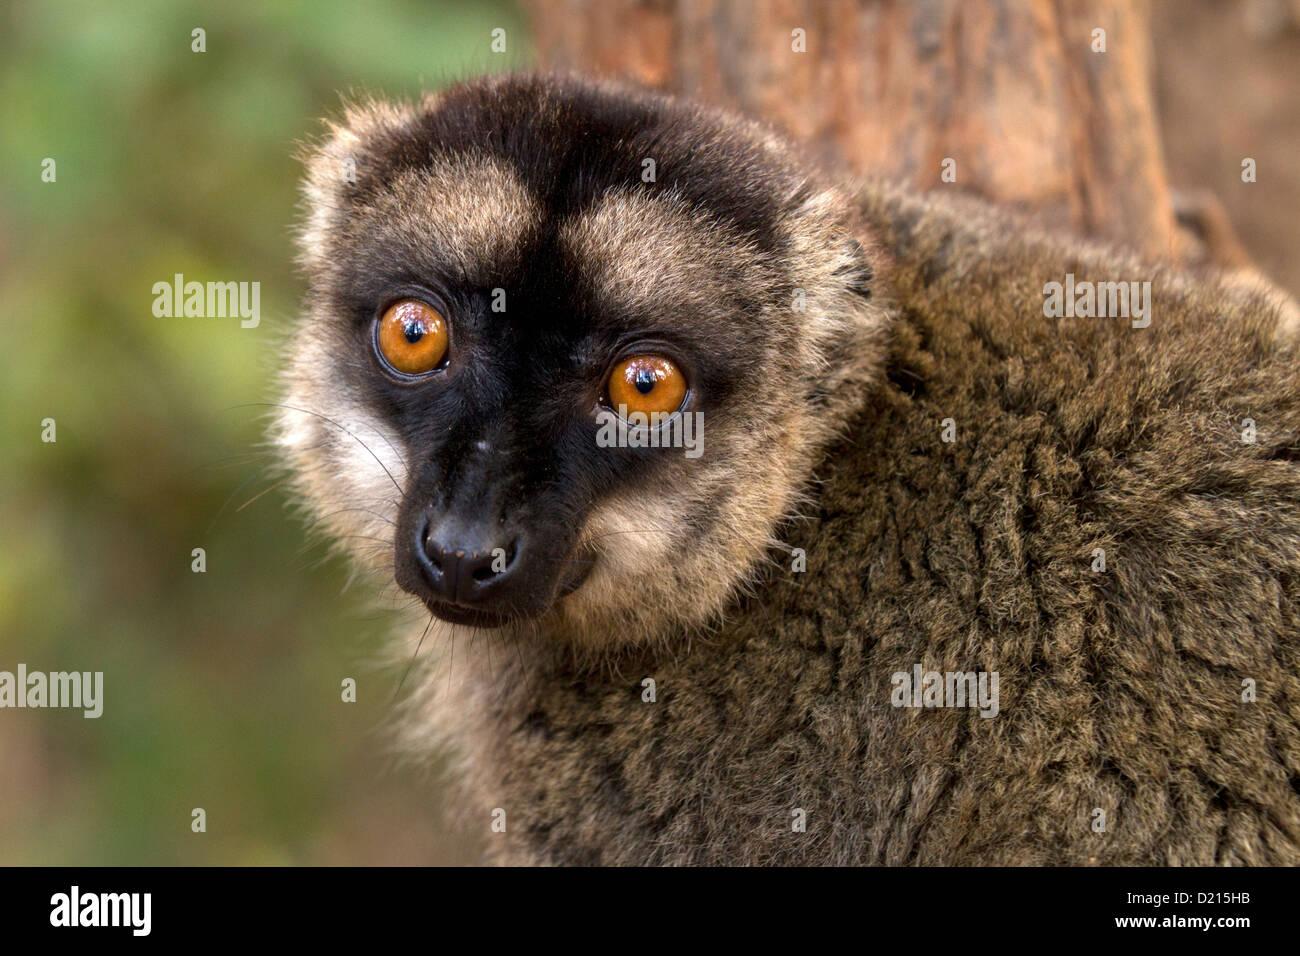 Gemeinsamen brauner Lemur Eulemur Fulvus, Uhren Stockbild